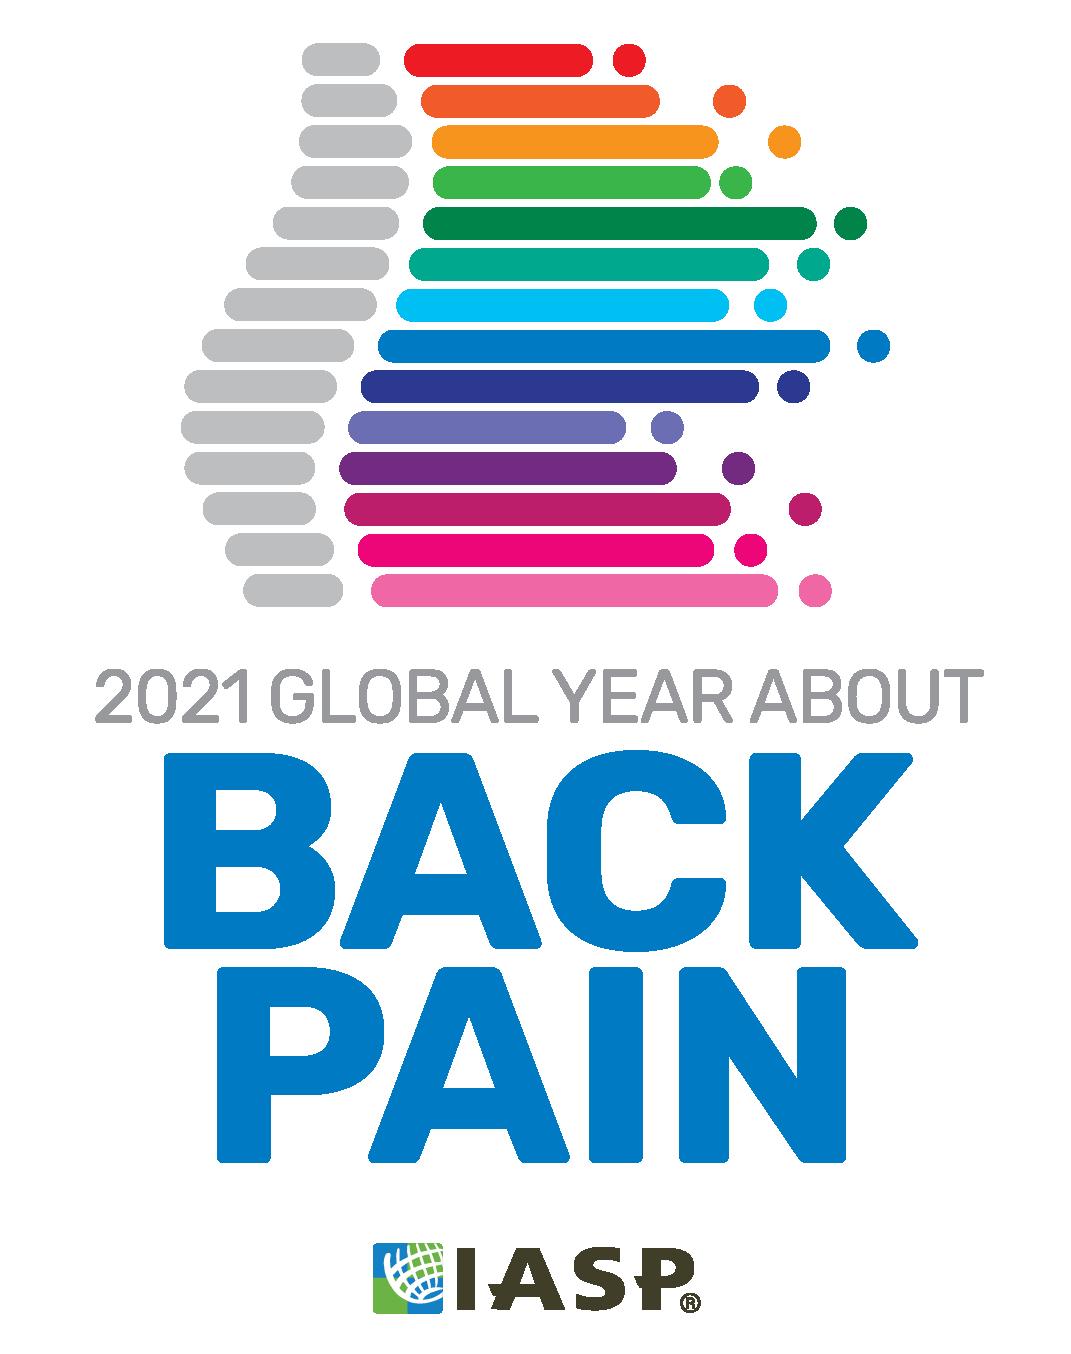 2021 global year